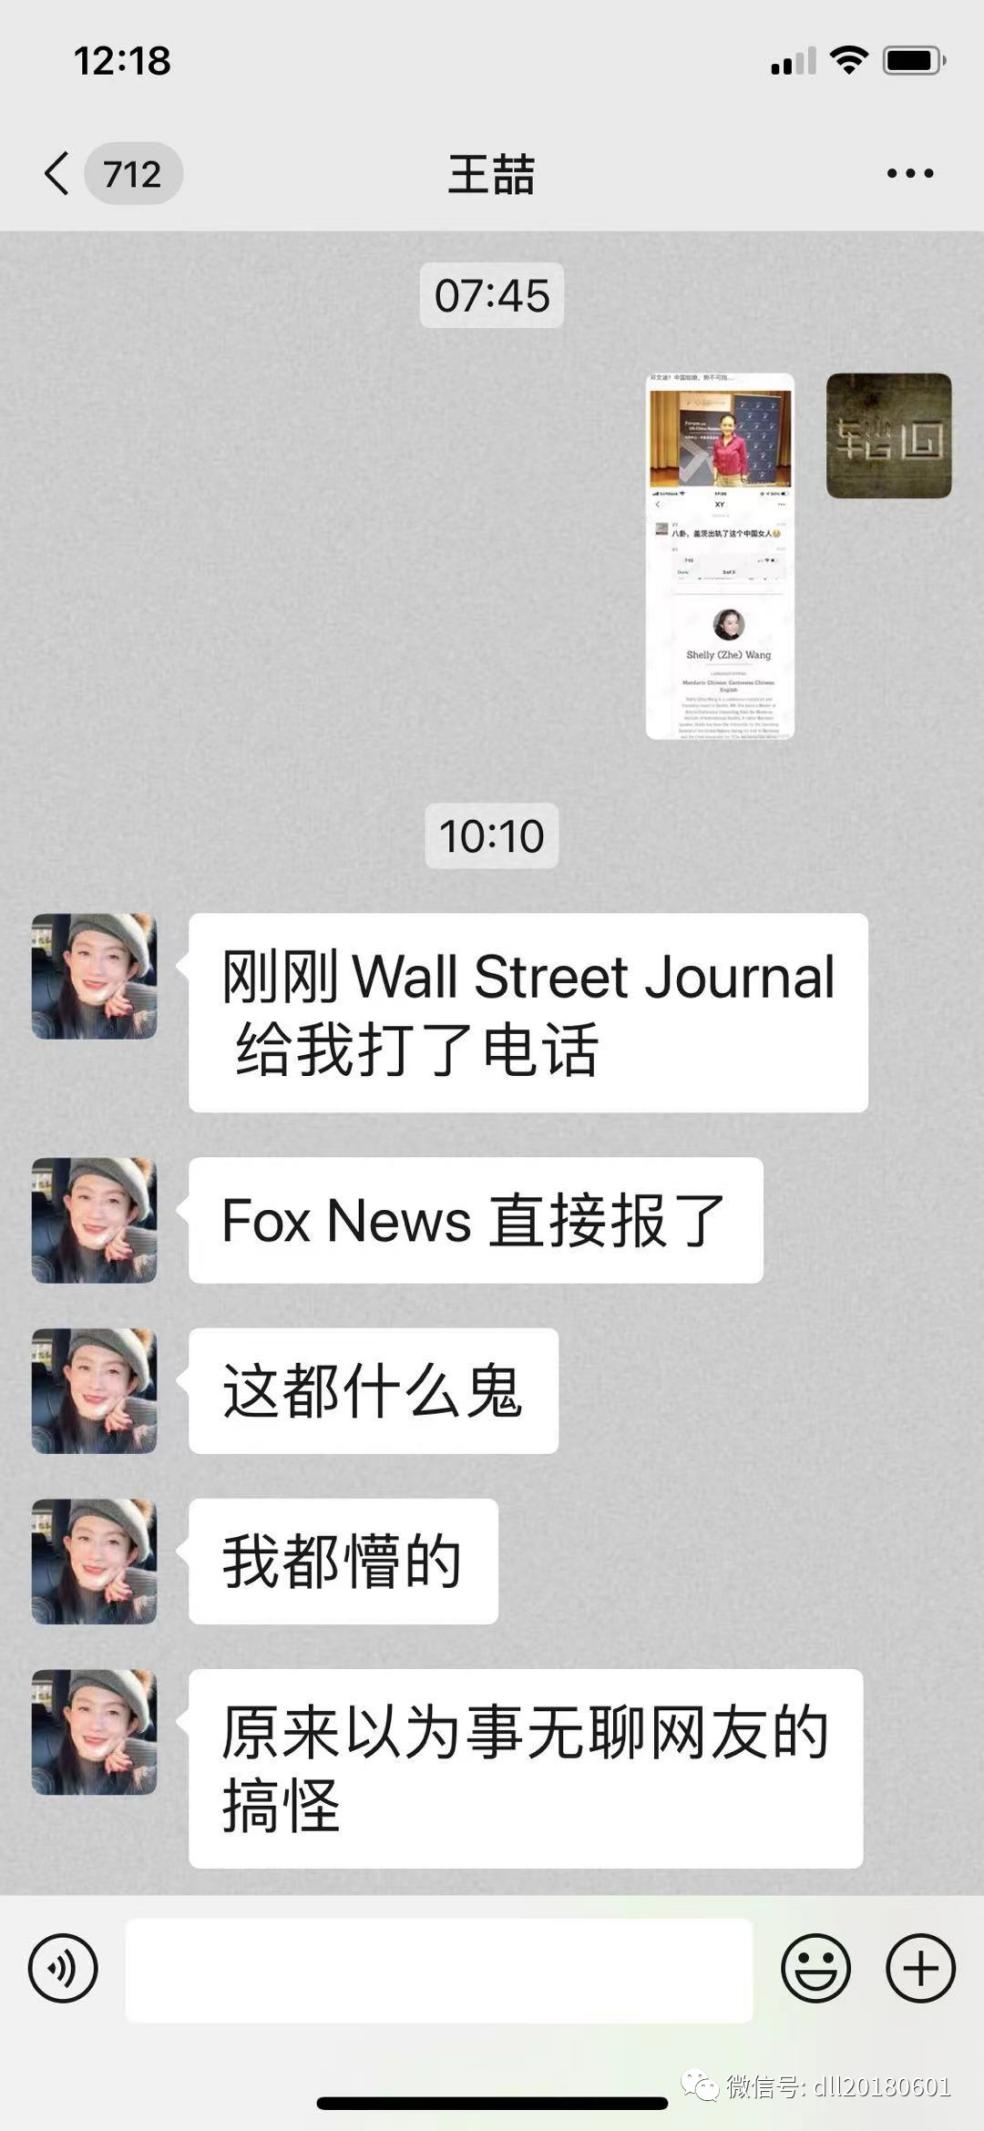 李东雷与王喆的聊天记录 图片来源:公众号-东雷老评